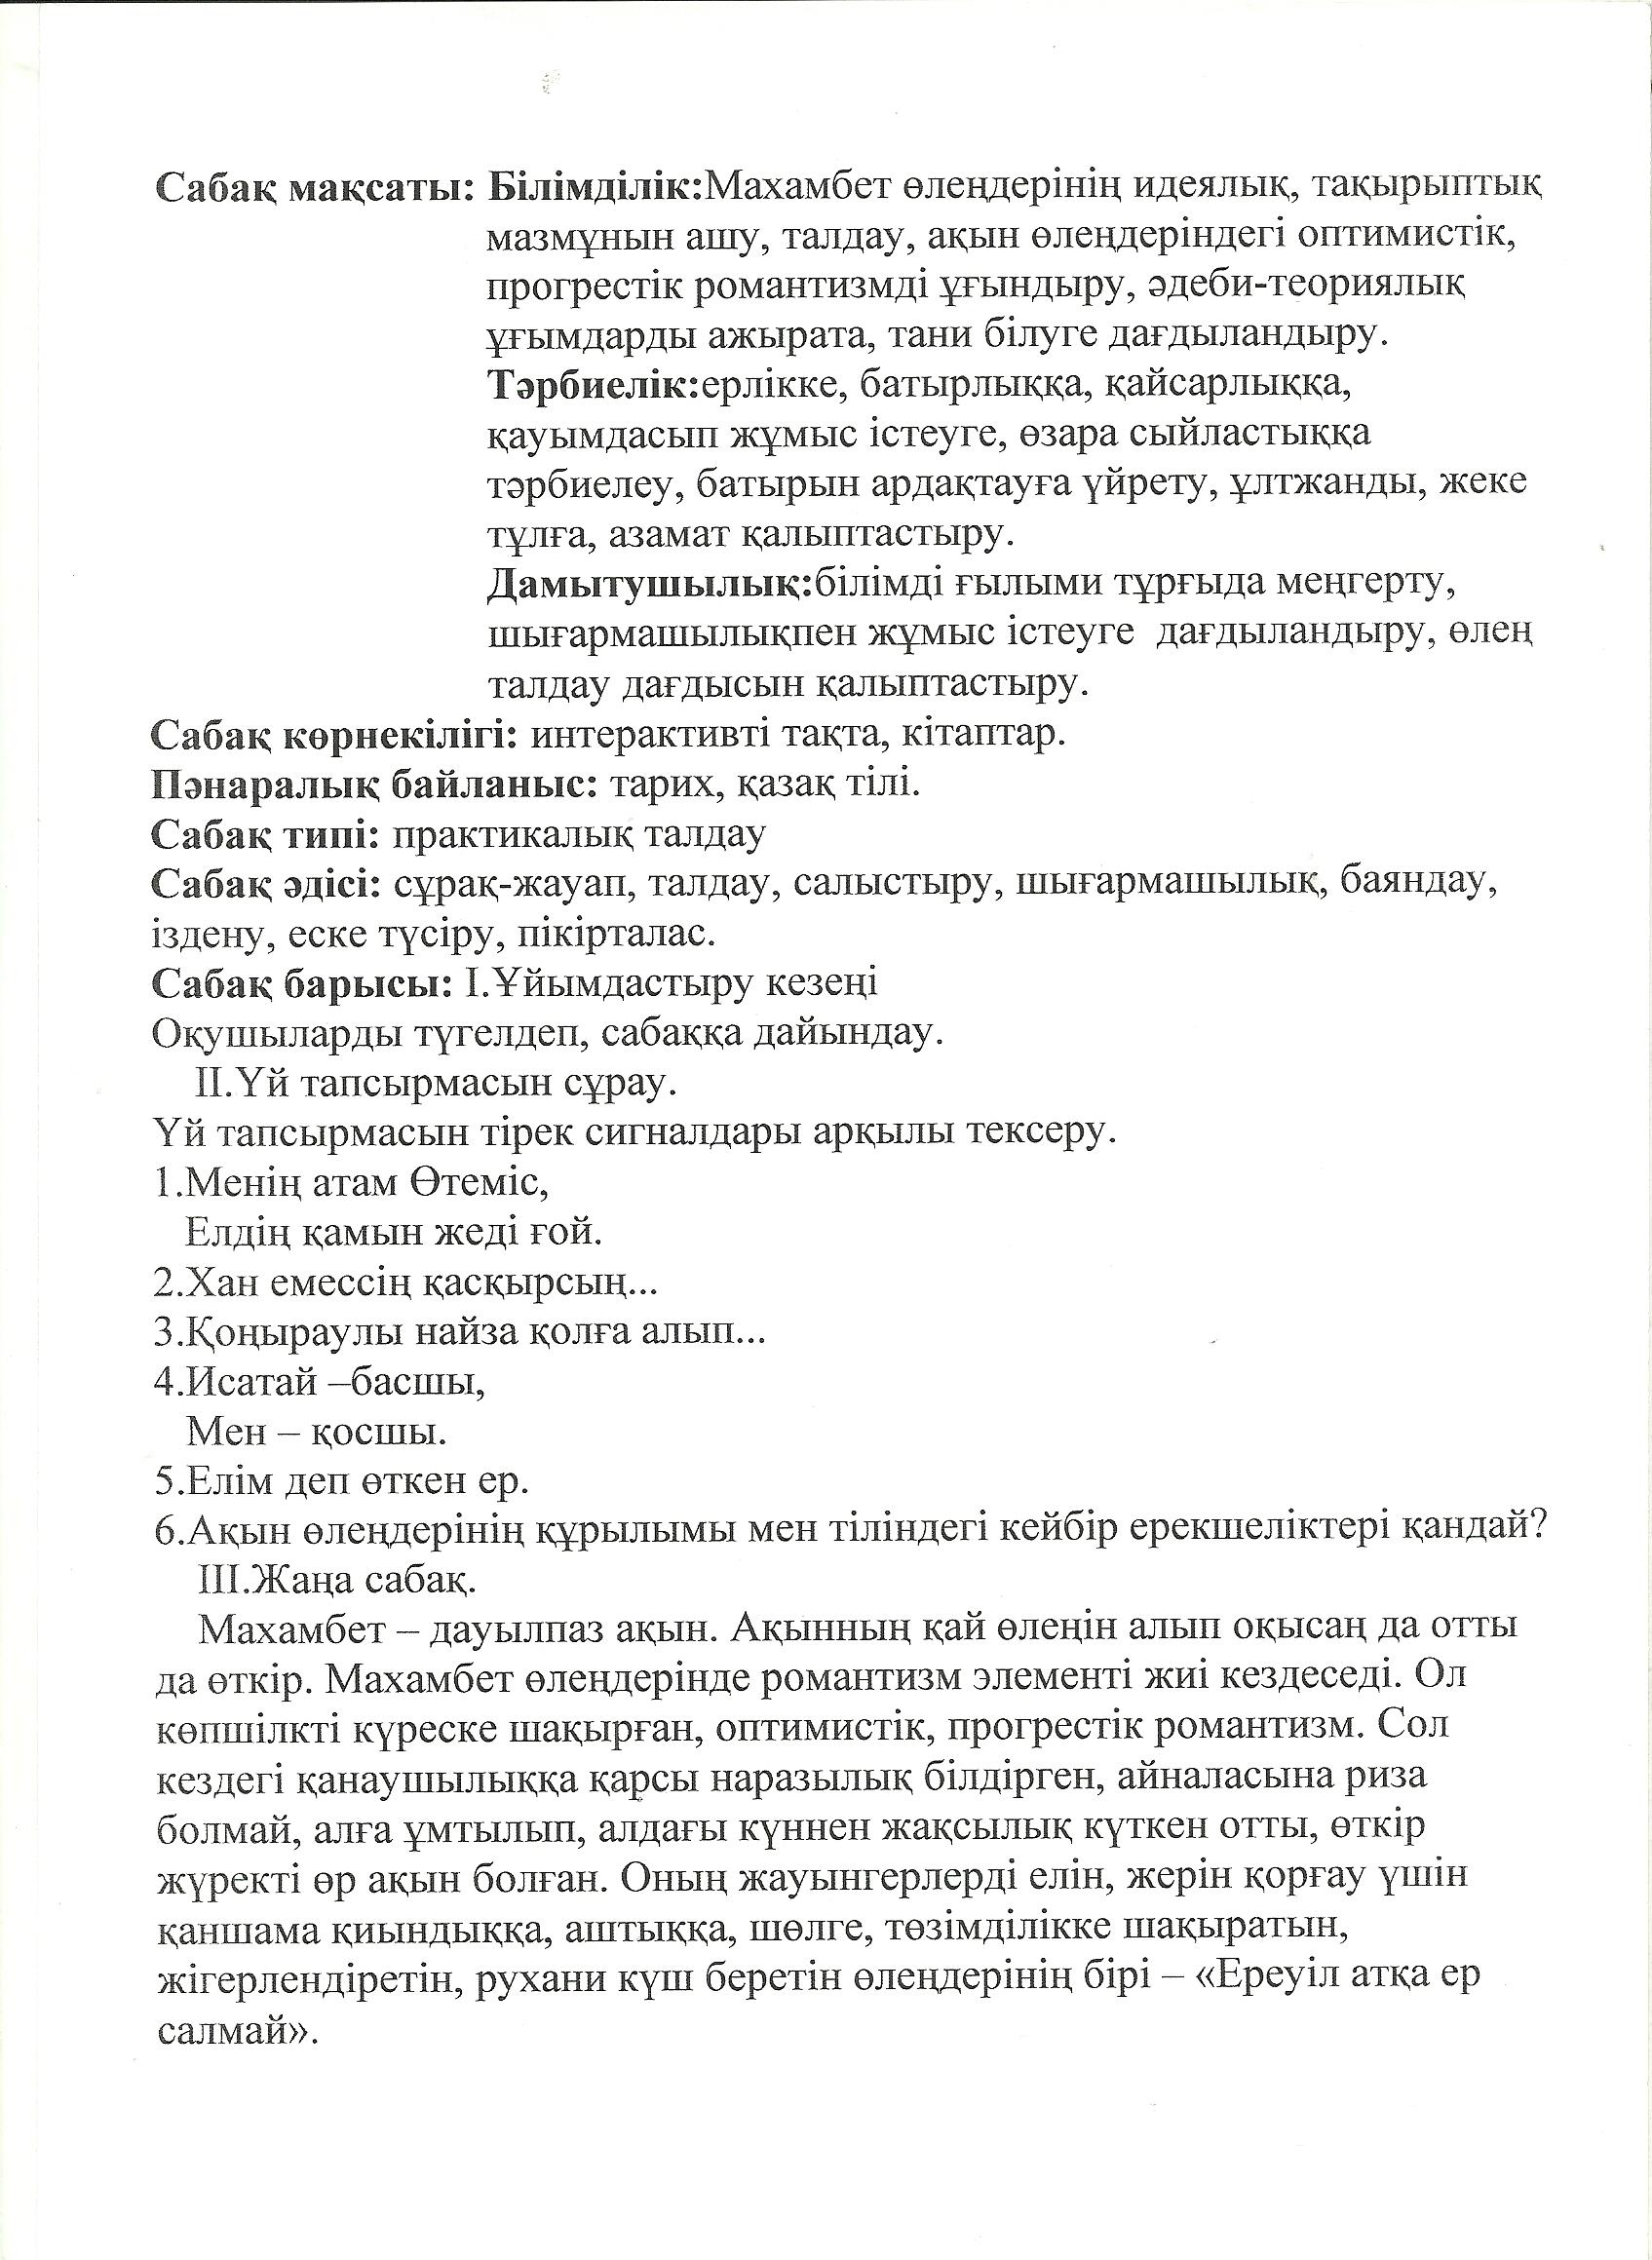 C:\Users\Гульзат\Documents\журт 2015-16\калмырза гульнар апай\2015-11 (ноя)\сканирование0002.jpg